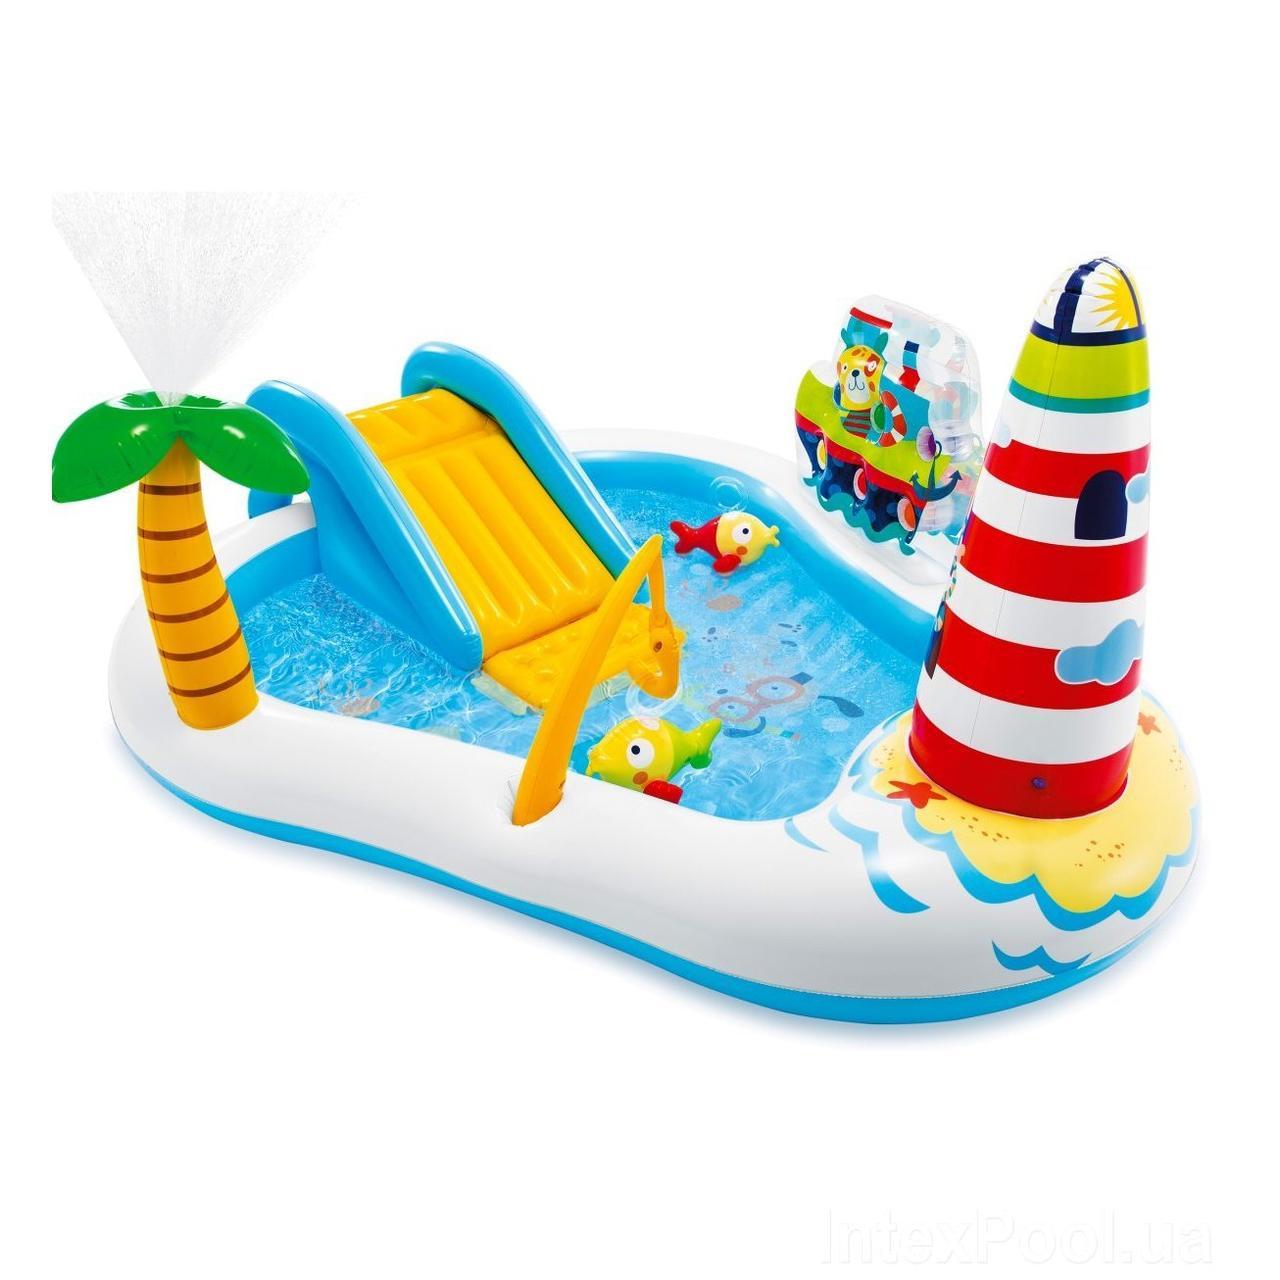 Детский надувной игровой центр бассейн Intex 57162 «Веселая Рыбалка» с горкой